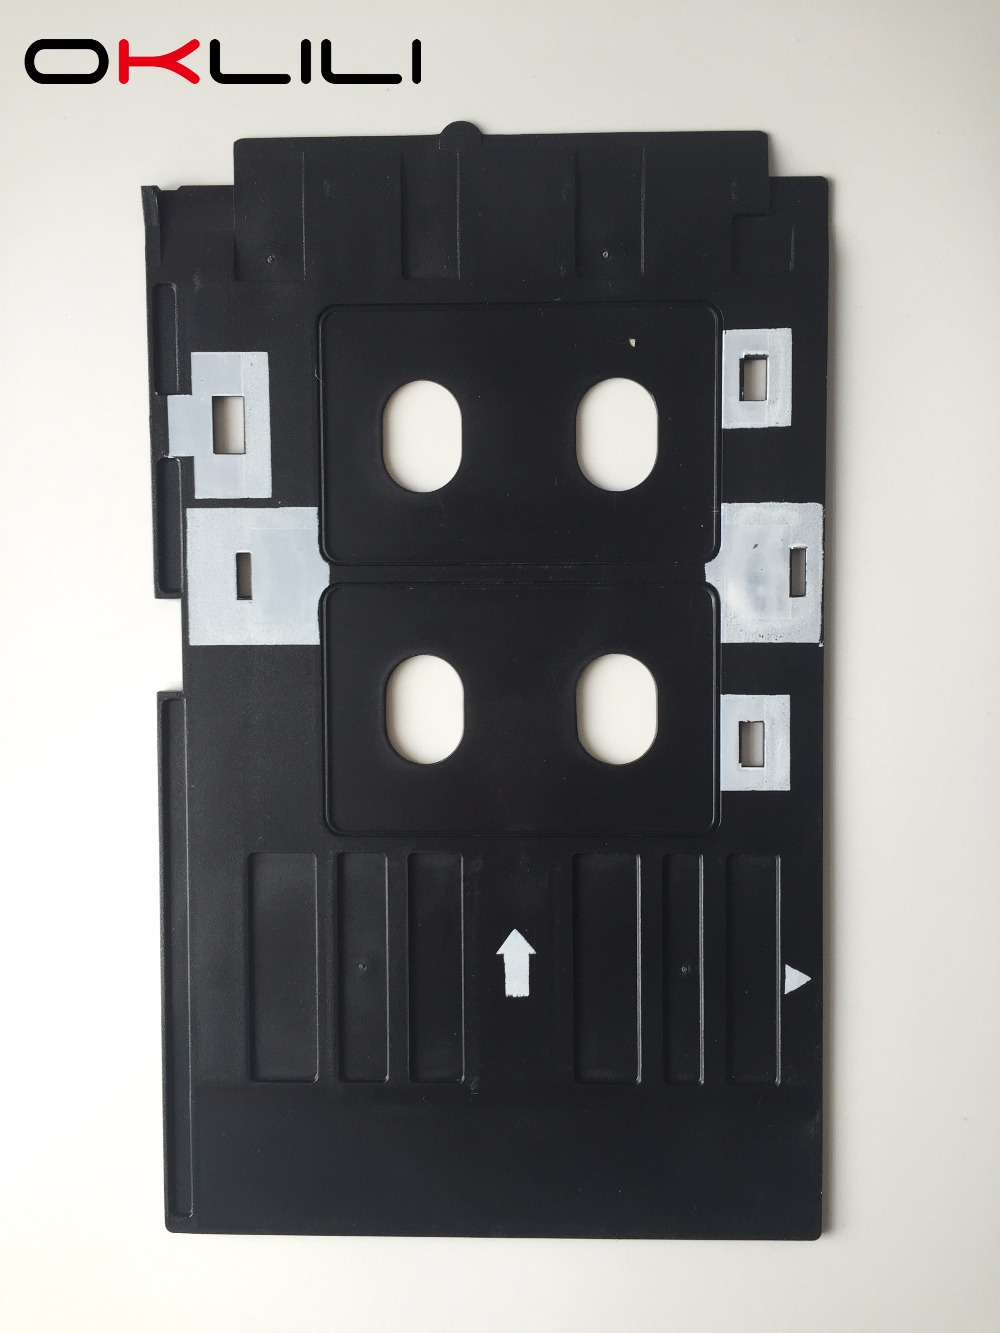 PVC ID-kortbakke Plastkort Udskriftsbakke til Epson R260 R265 R270 R280 R290 R380 R390 RX680 T50 T60 A50 P50 L800 L801 R330